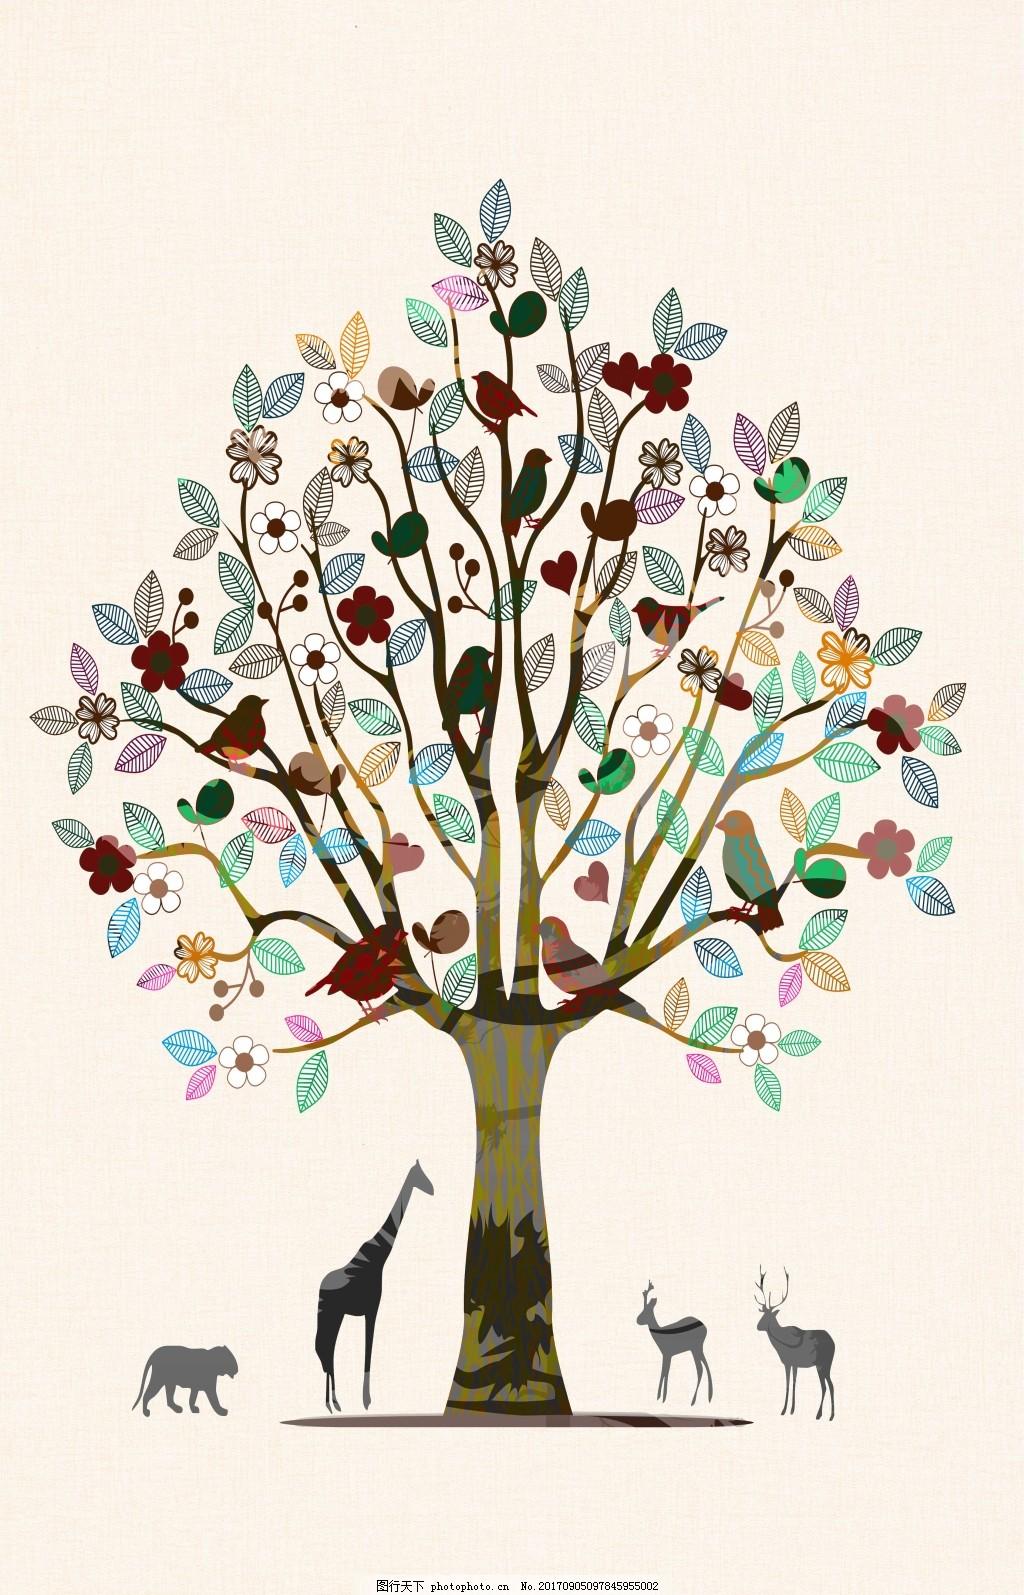 彩色手绘树叶小鸟动物装饰画